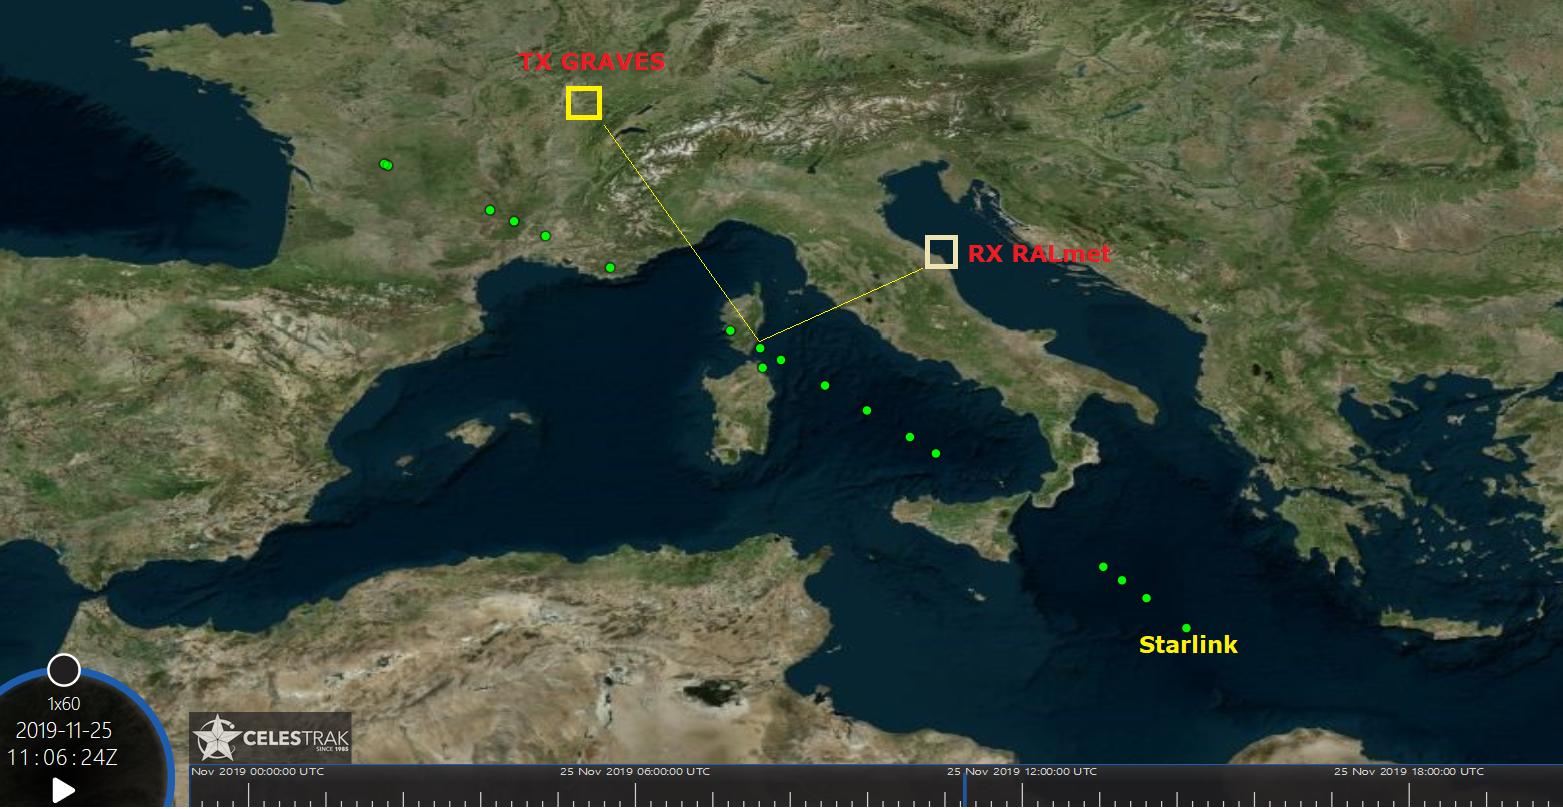 Passaggio della flotta Starlink confermato da CelesTrak e geometria del radar bi-statico TX Graves - RX RALmet.